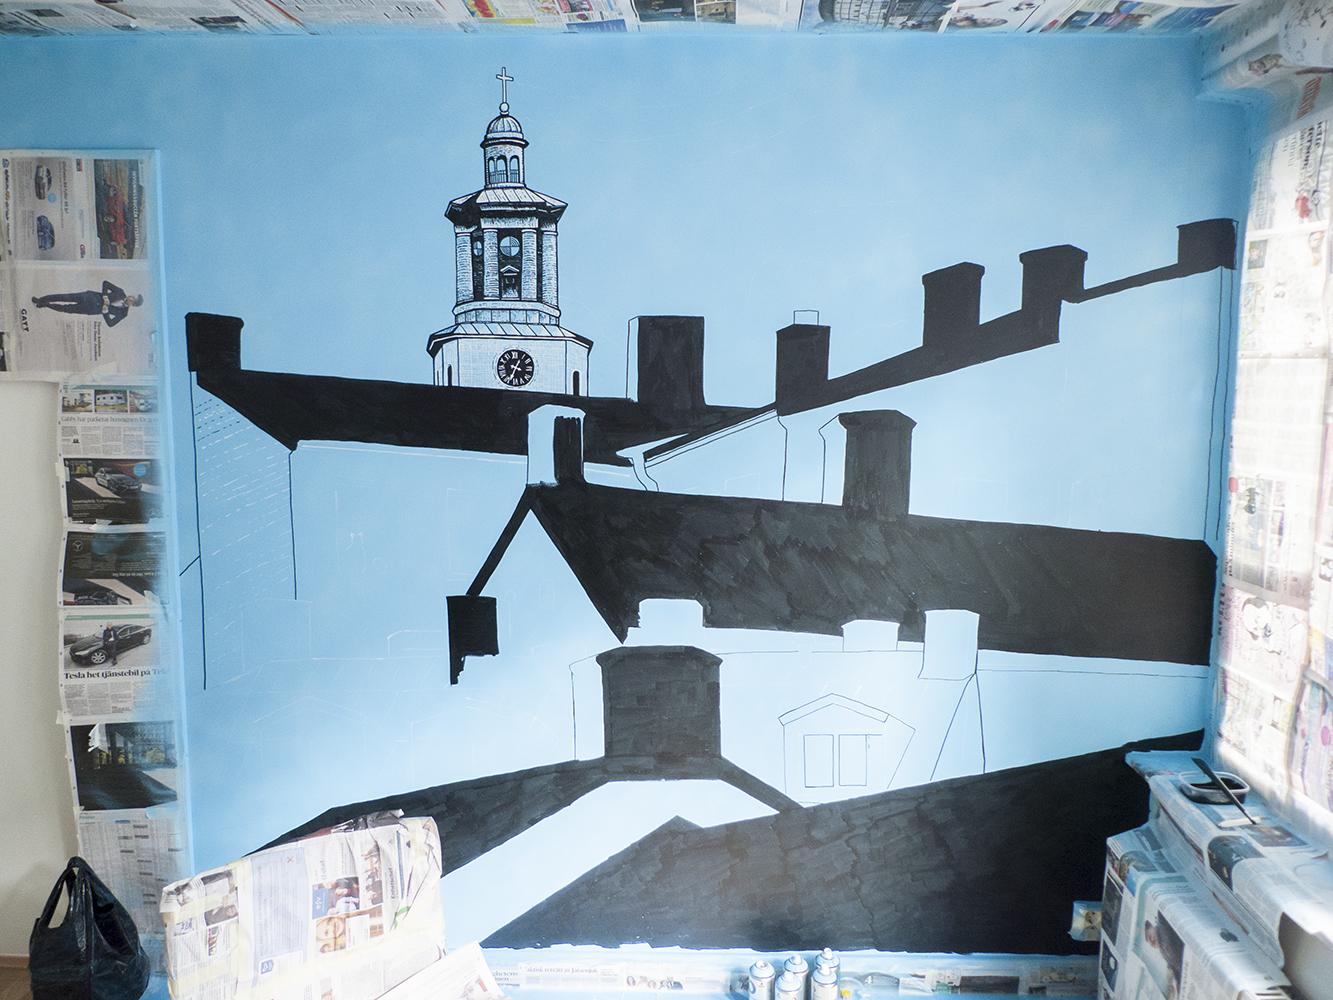 st-maria-magdalena-kyrka-väggmålning-mural-process-d-1000.jpg